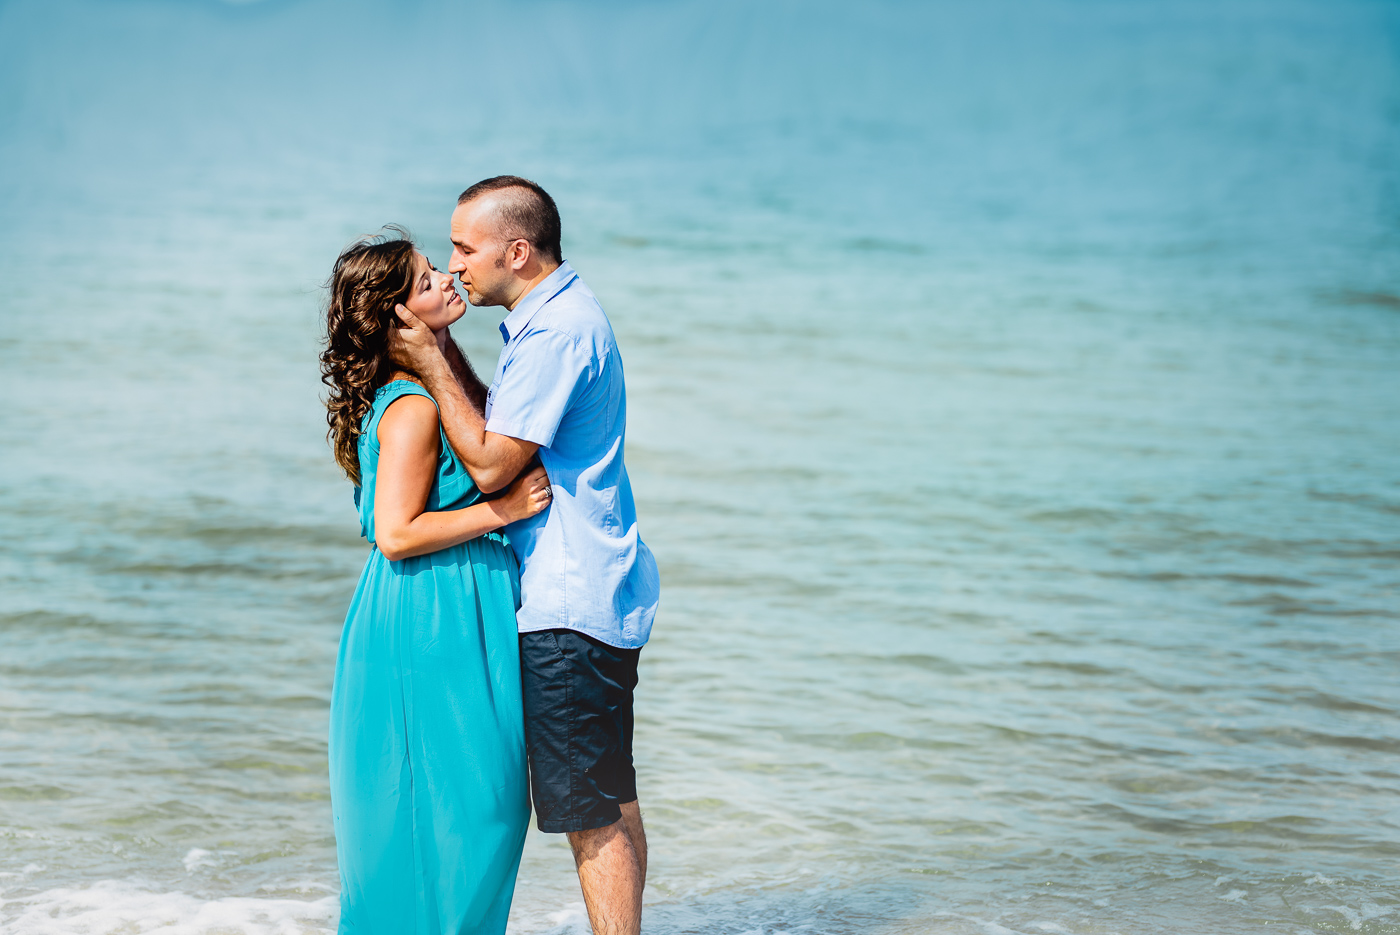 romantyczne zdjęcie zakochanych na plaży